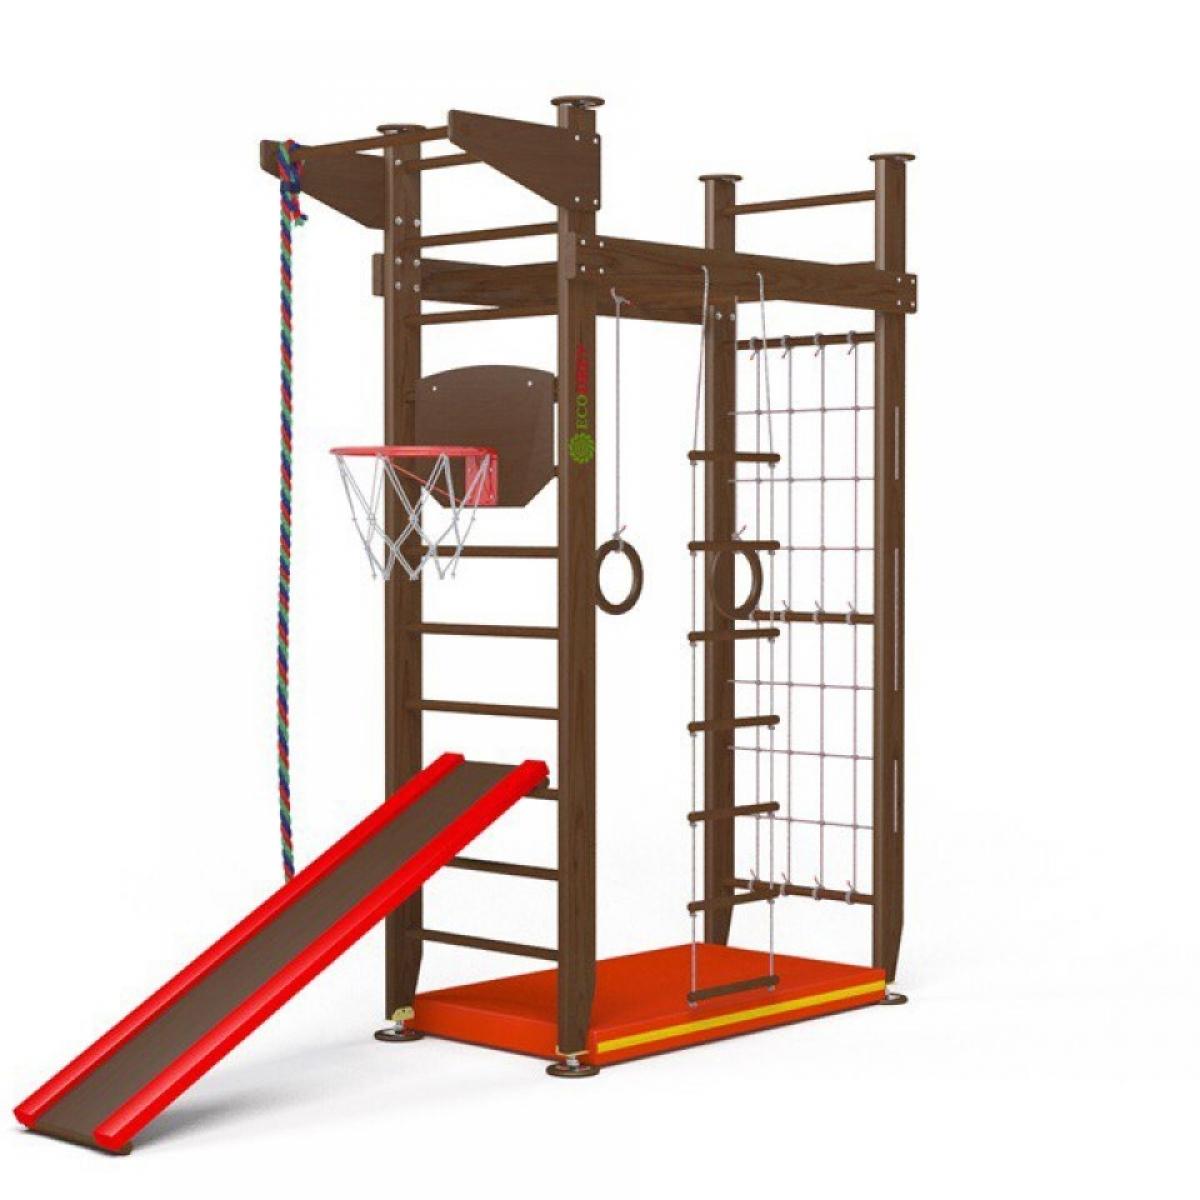 Детский спортивный комплекс Крепыш 02 (враспор)